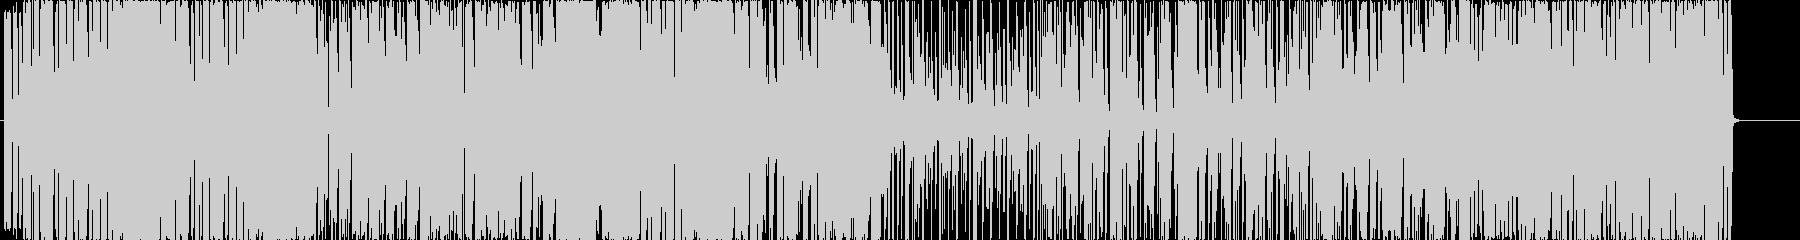 賑やかな雰囲気のキラキラファンクの未再生の波形